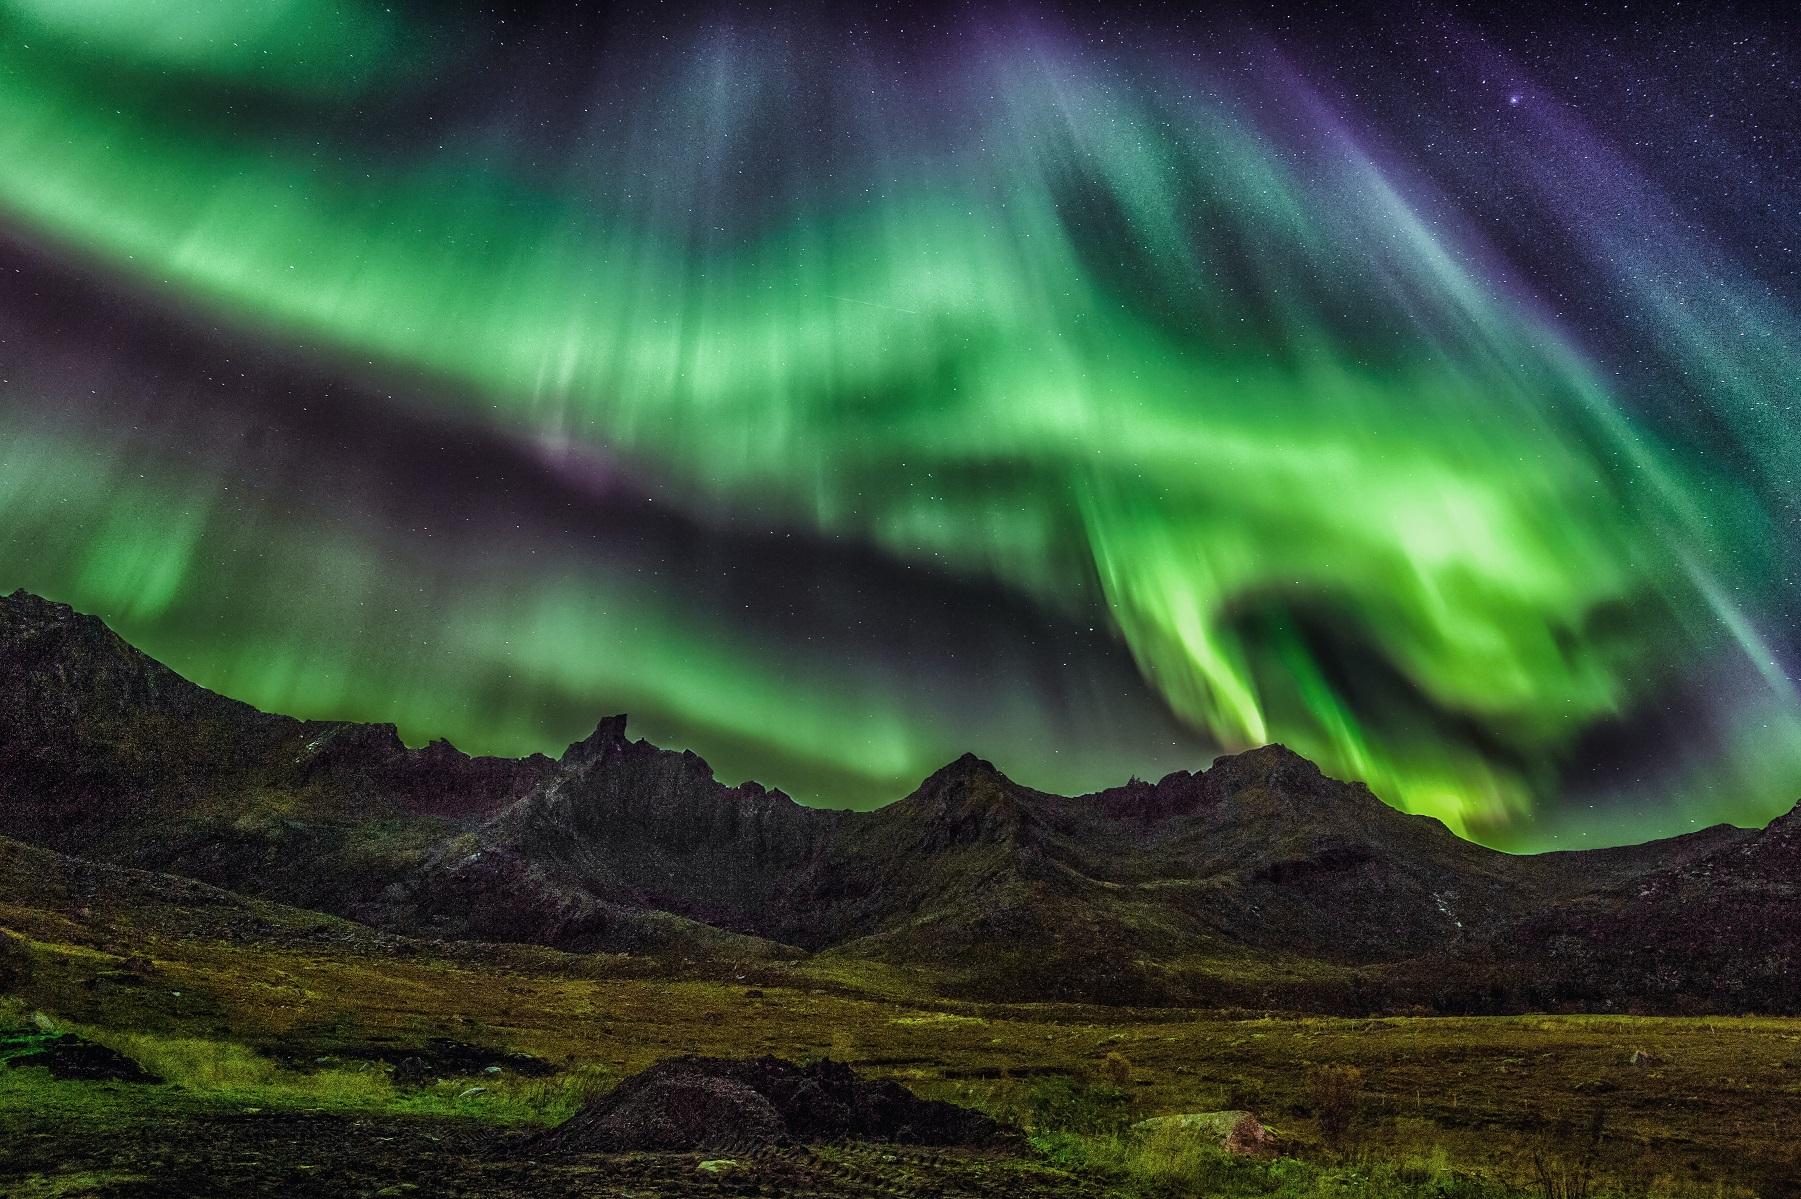 Магнитные бури 2020. Через трещины в космосе на Землю обрушится поток радиации. Вспышки на Солнце